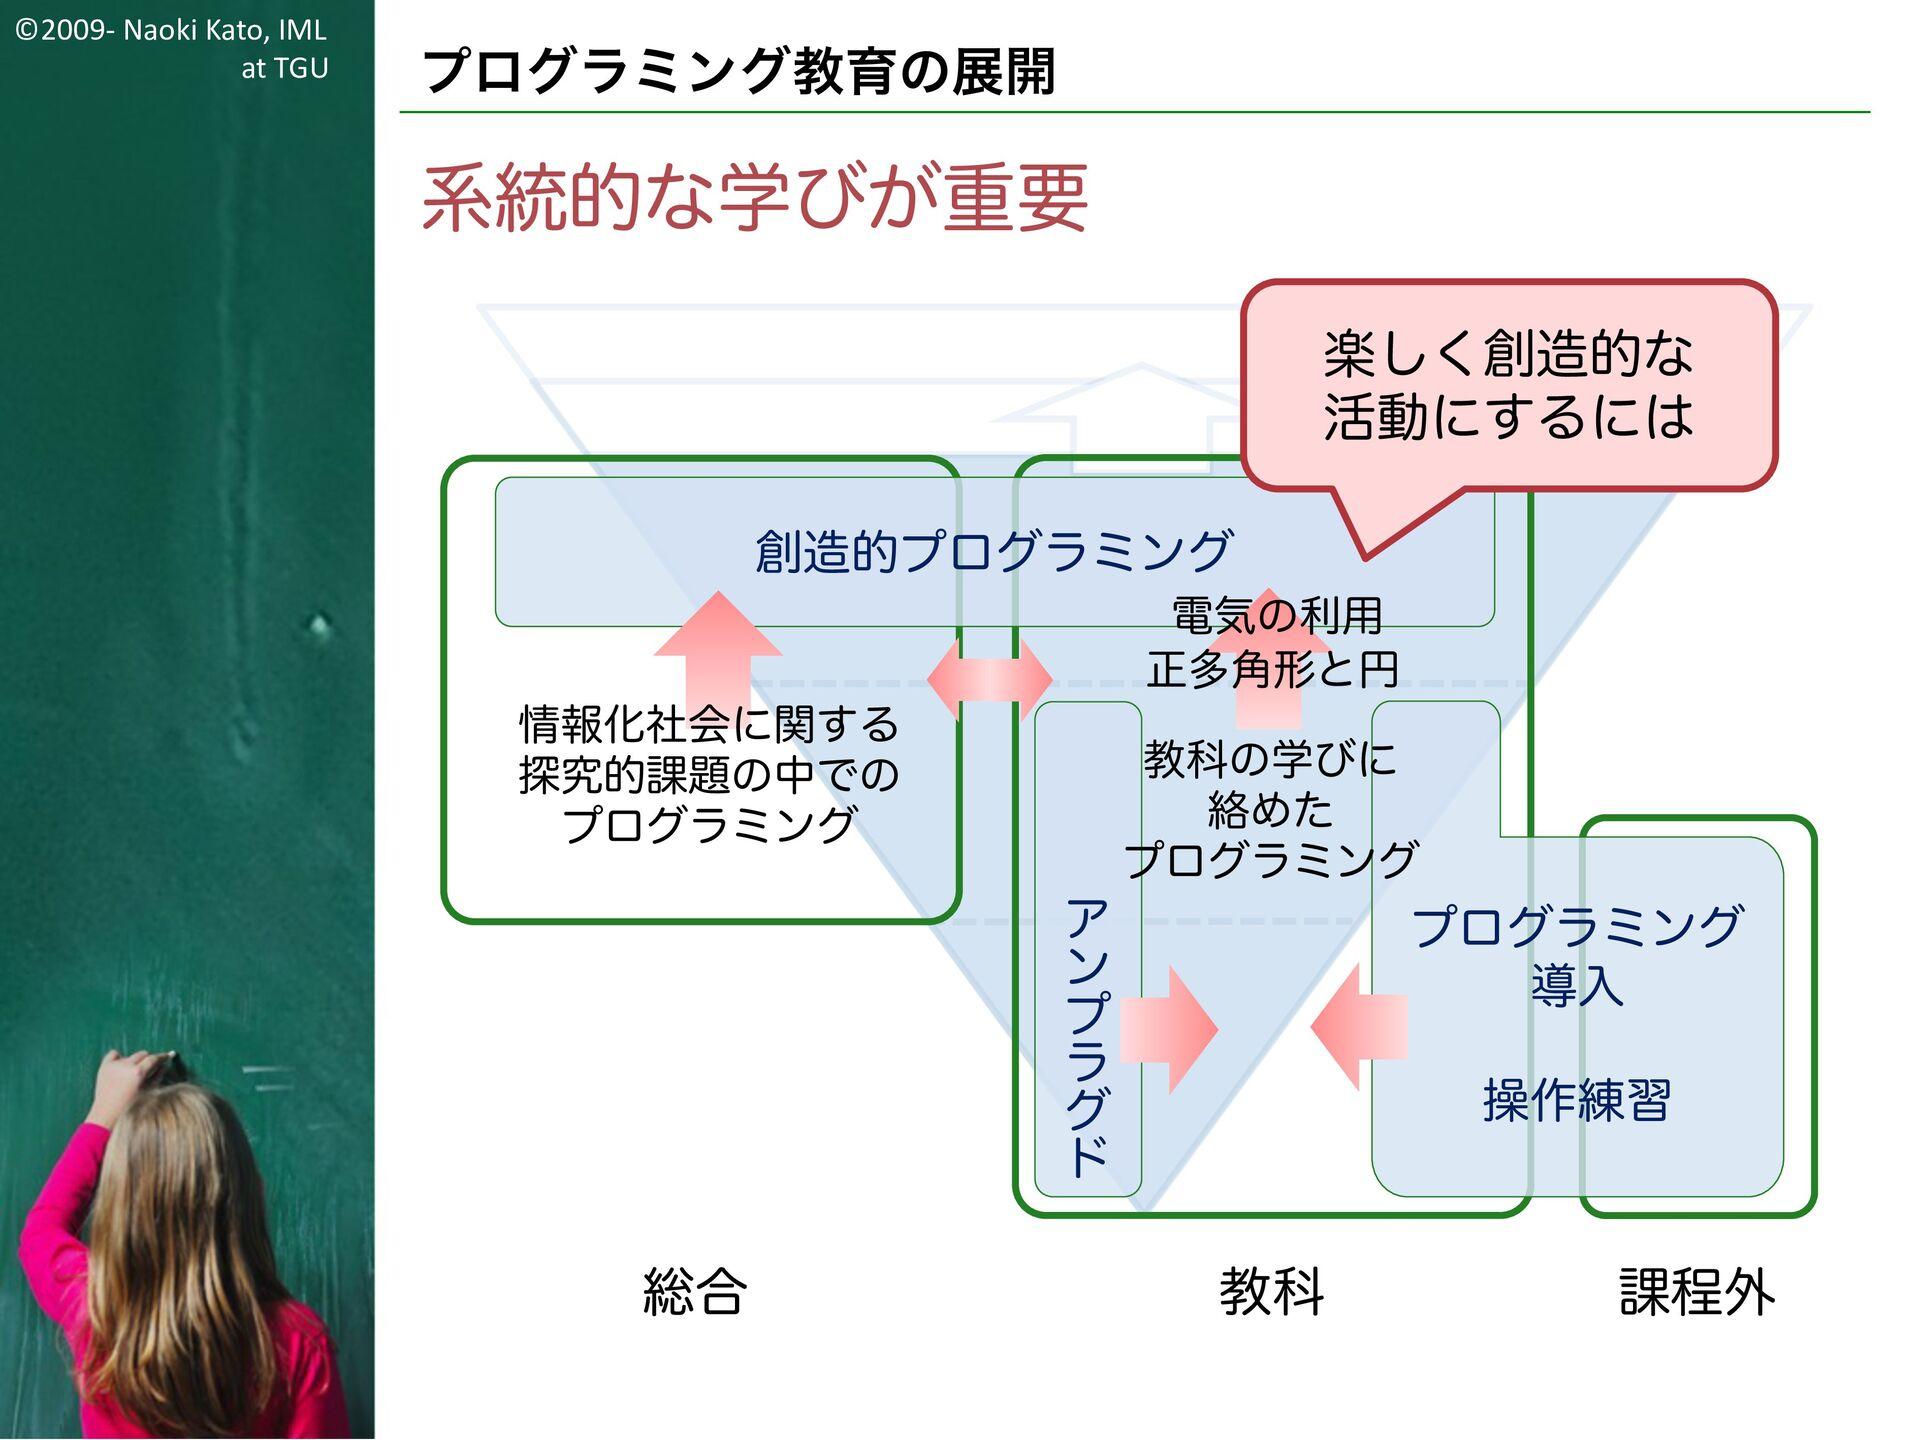 ©2009- Naoki Kato, IML at TGU 国語科でのプログラミング教育